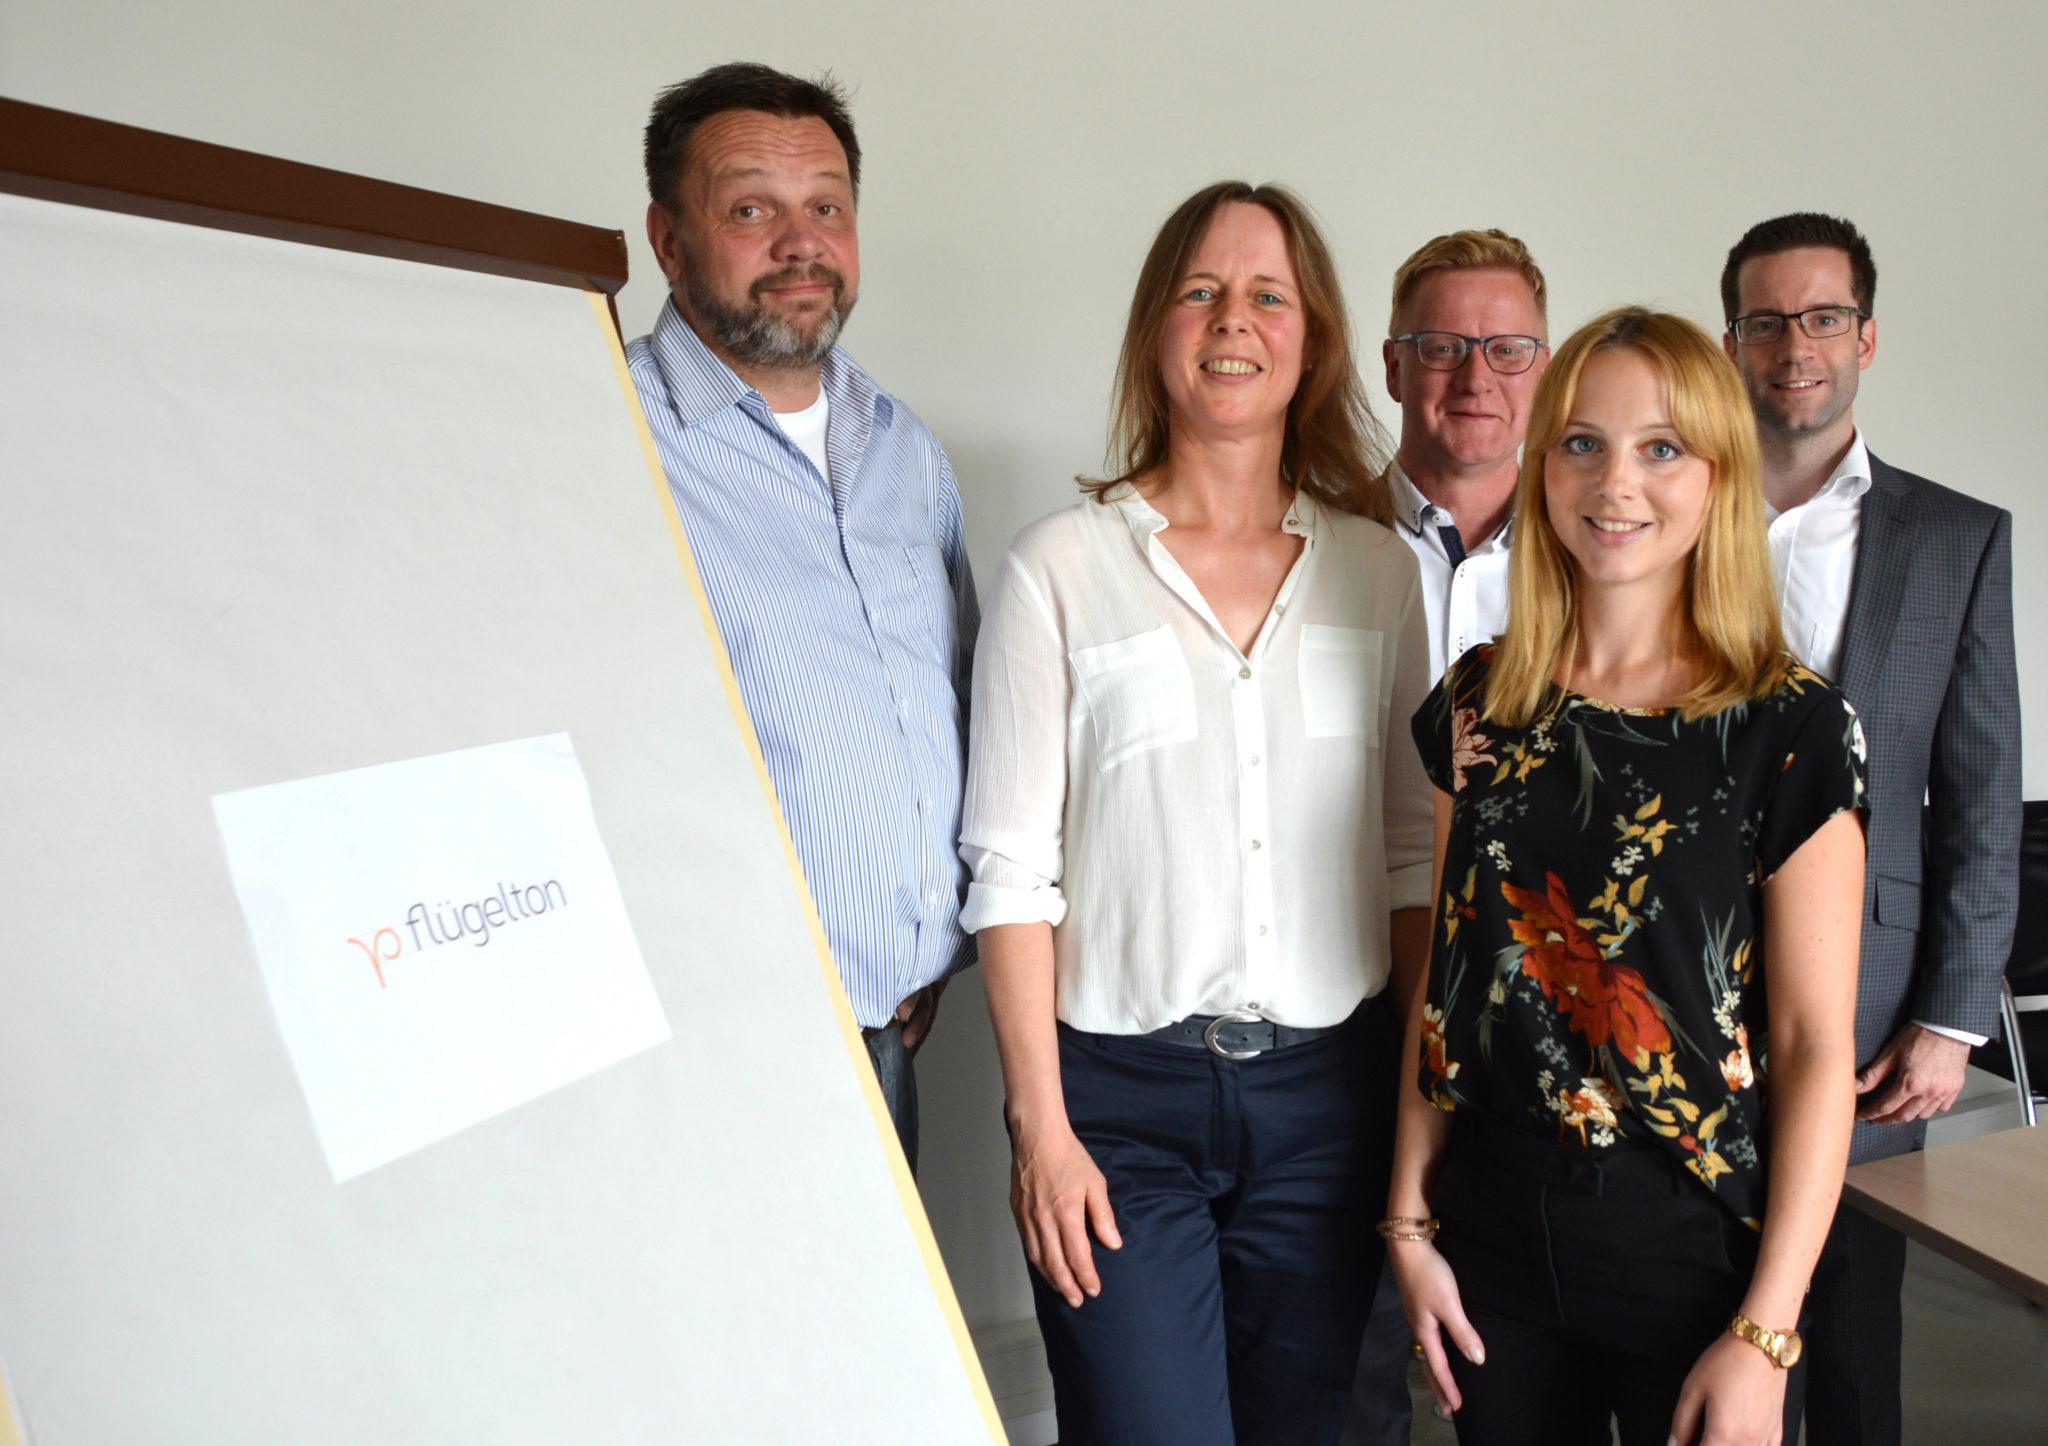 Innovativer Instrumentalunterricht: Karin Kleine Jäger erhält Gründerstipendium NRW